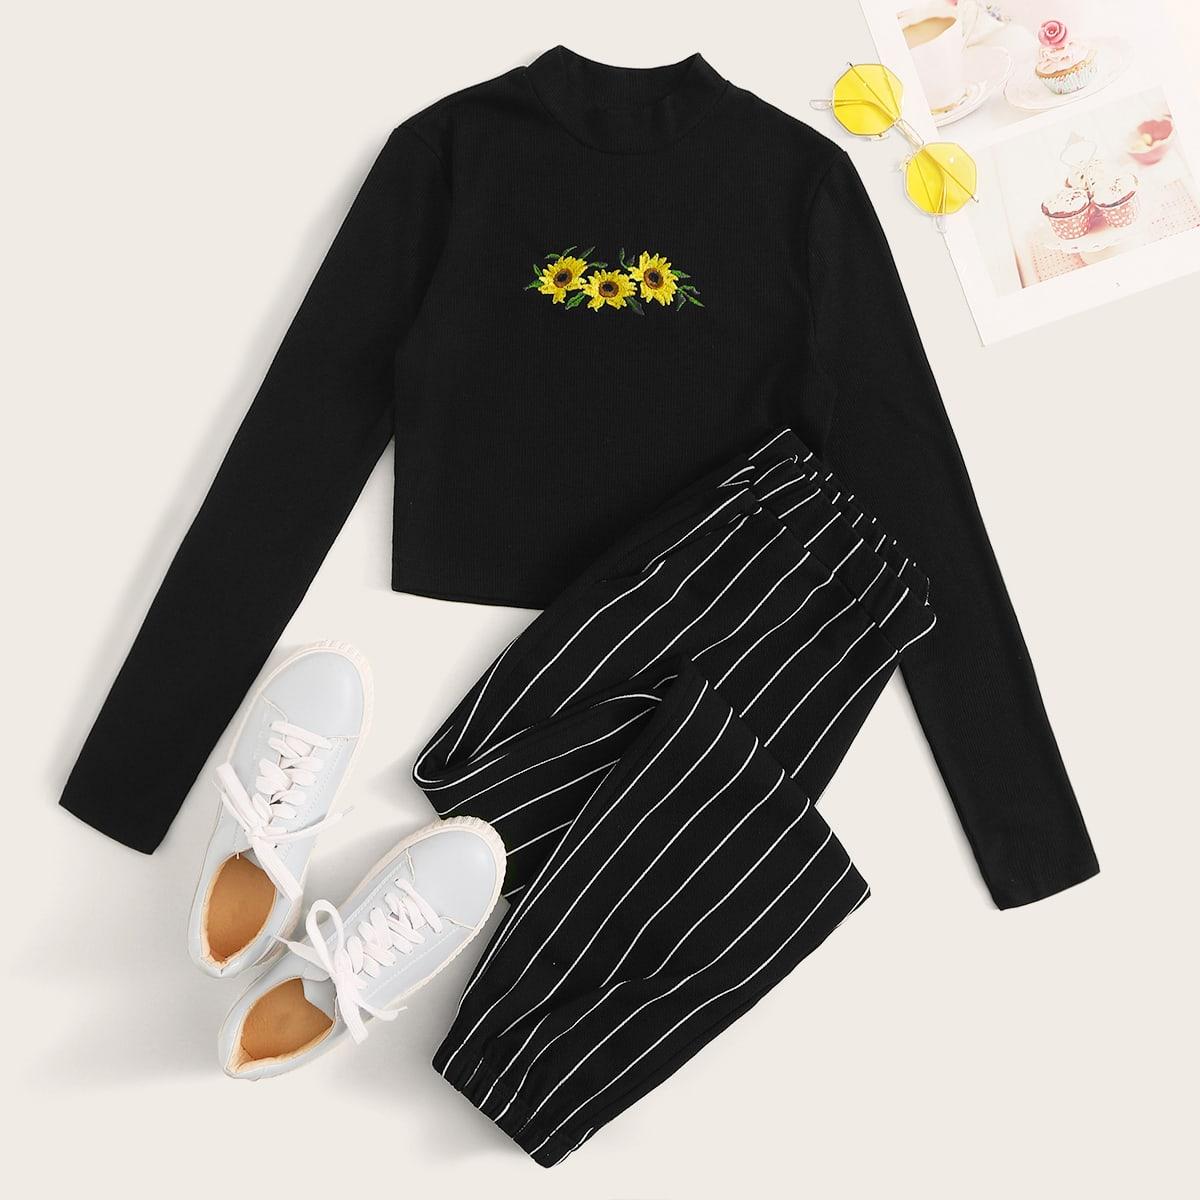 Полосатые спортивные брюки и короткая футболка с вышивкой от SHEIN